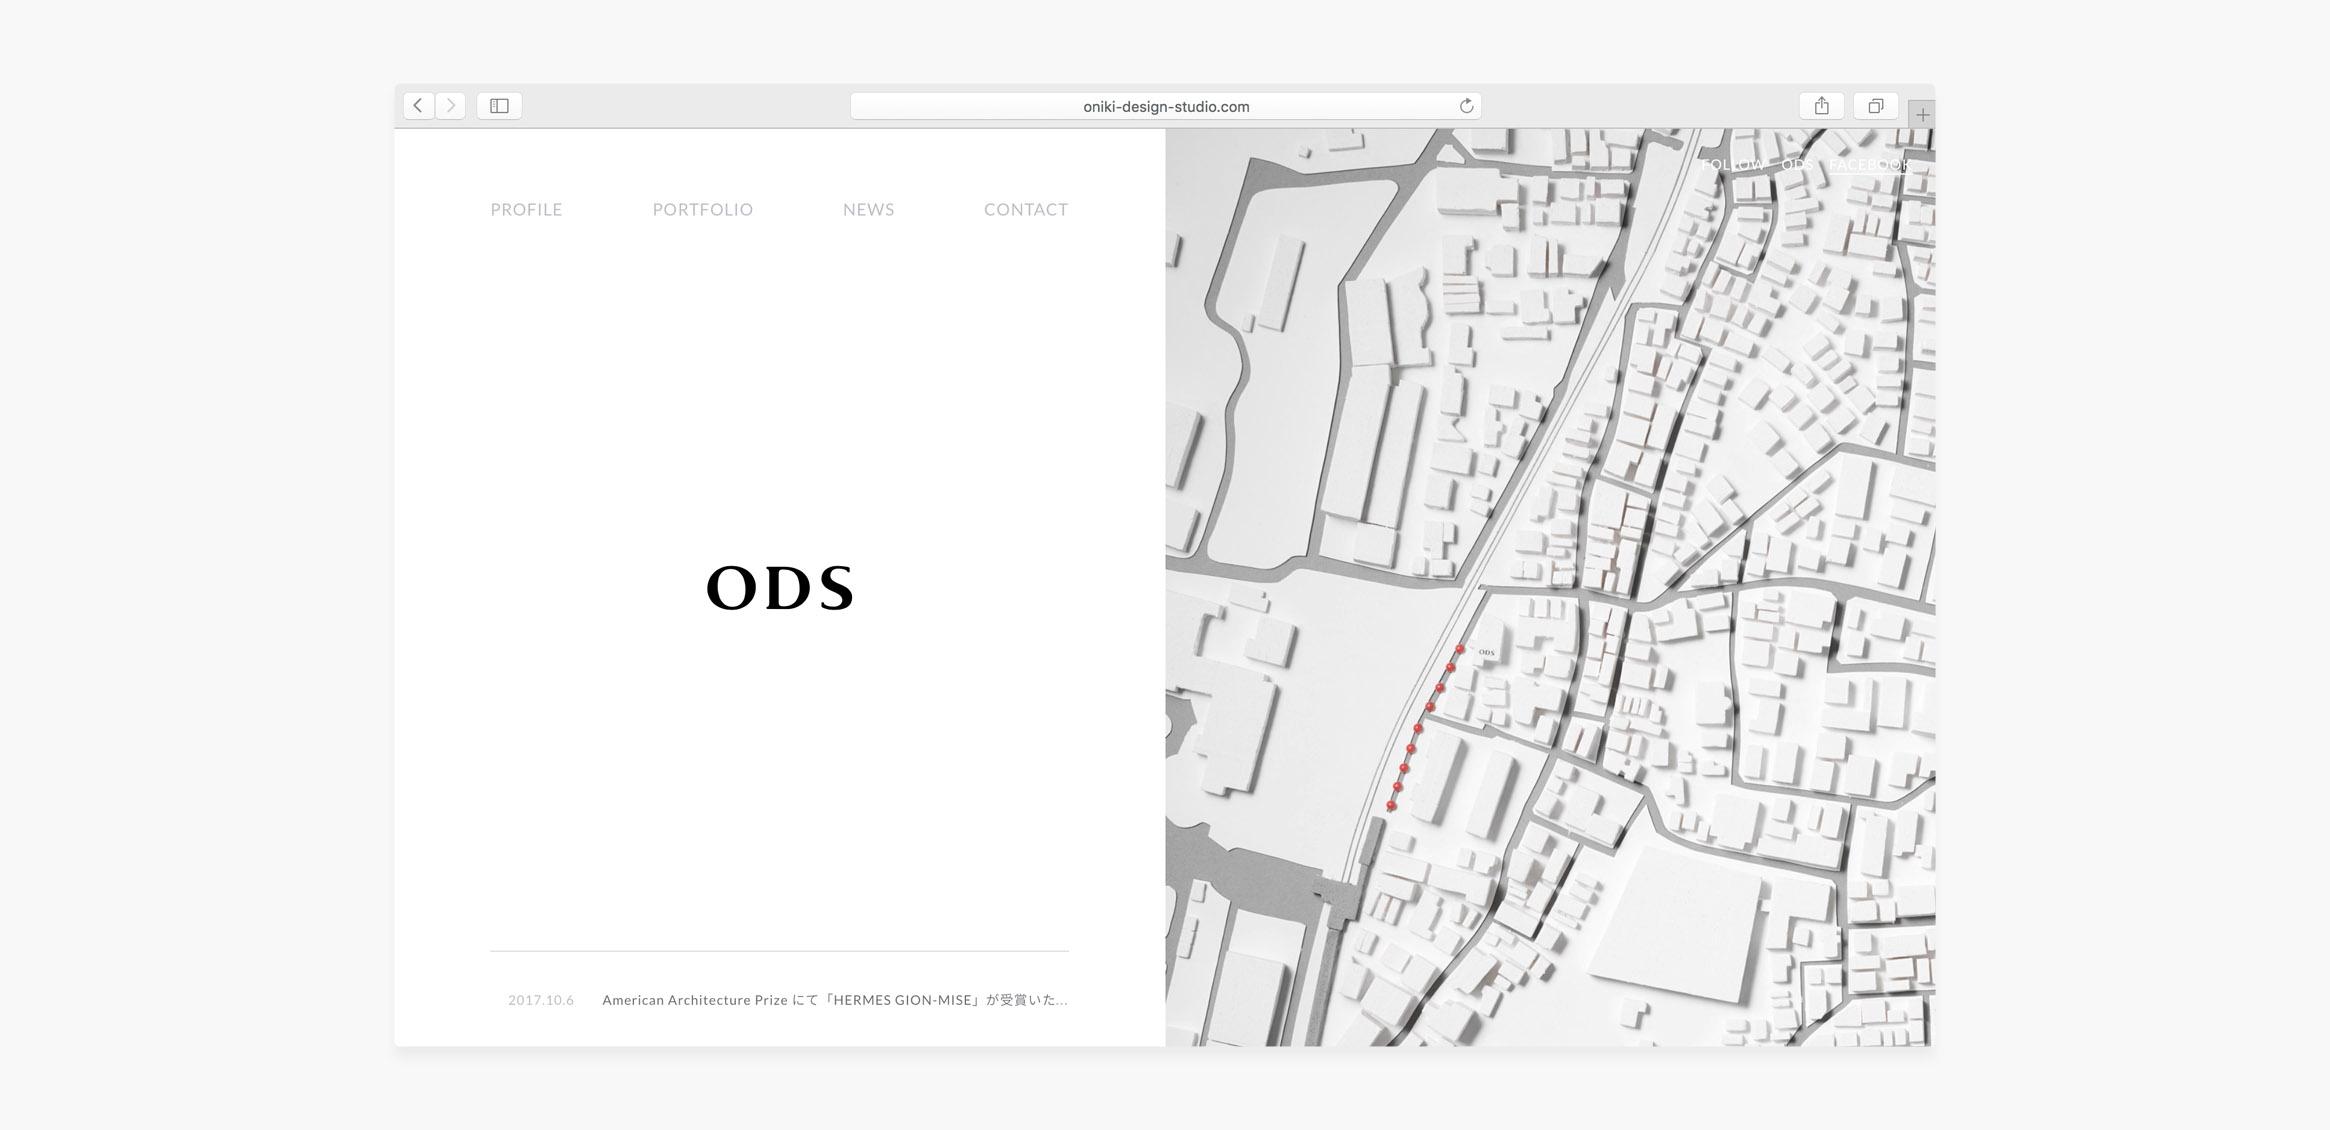 鬼木デザインスタジオ(ODS)Web0枚目